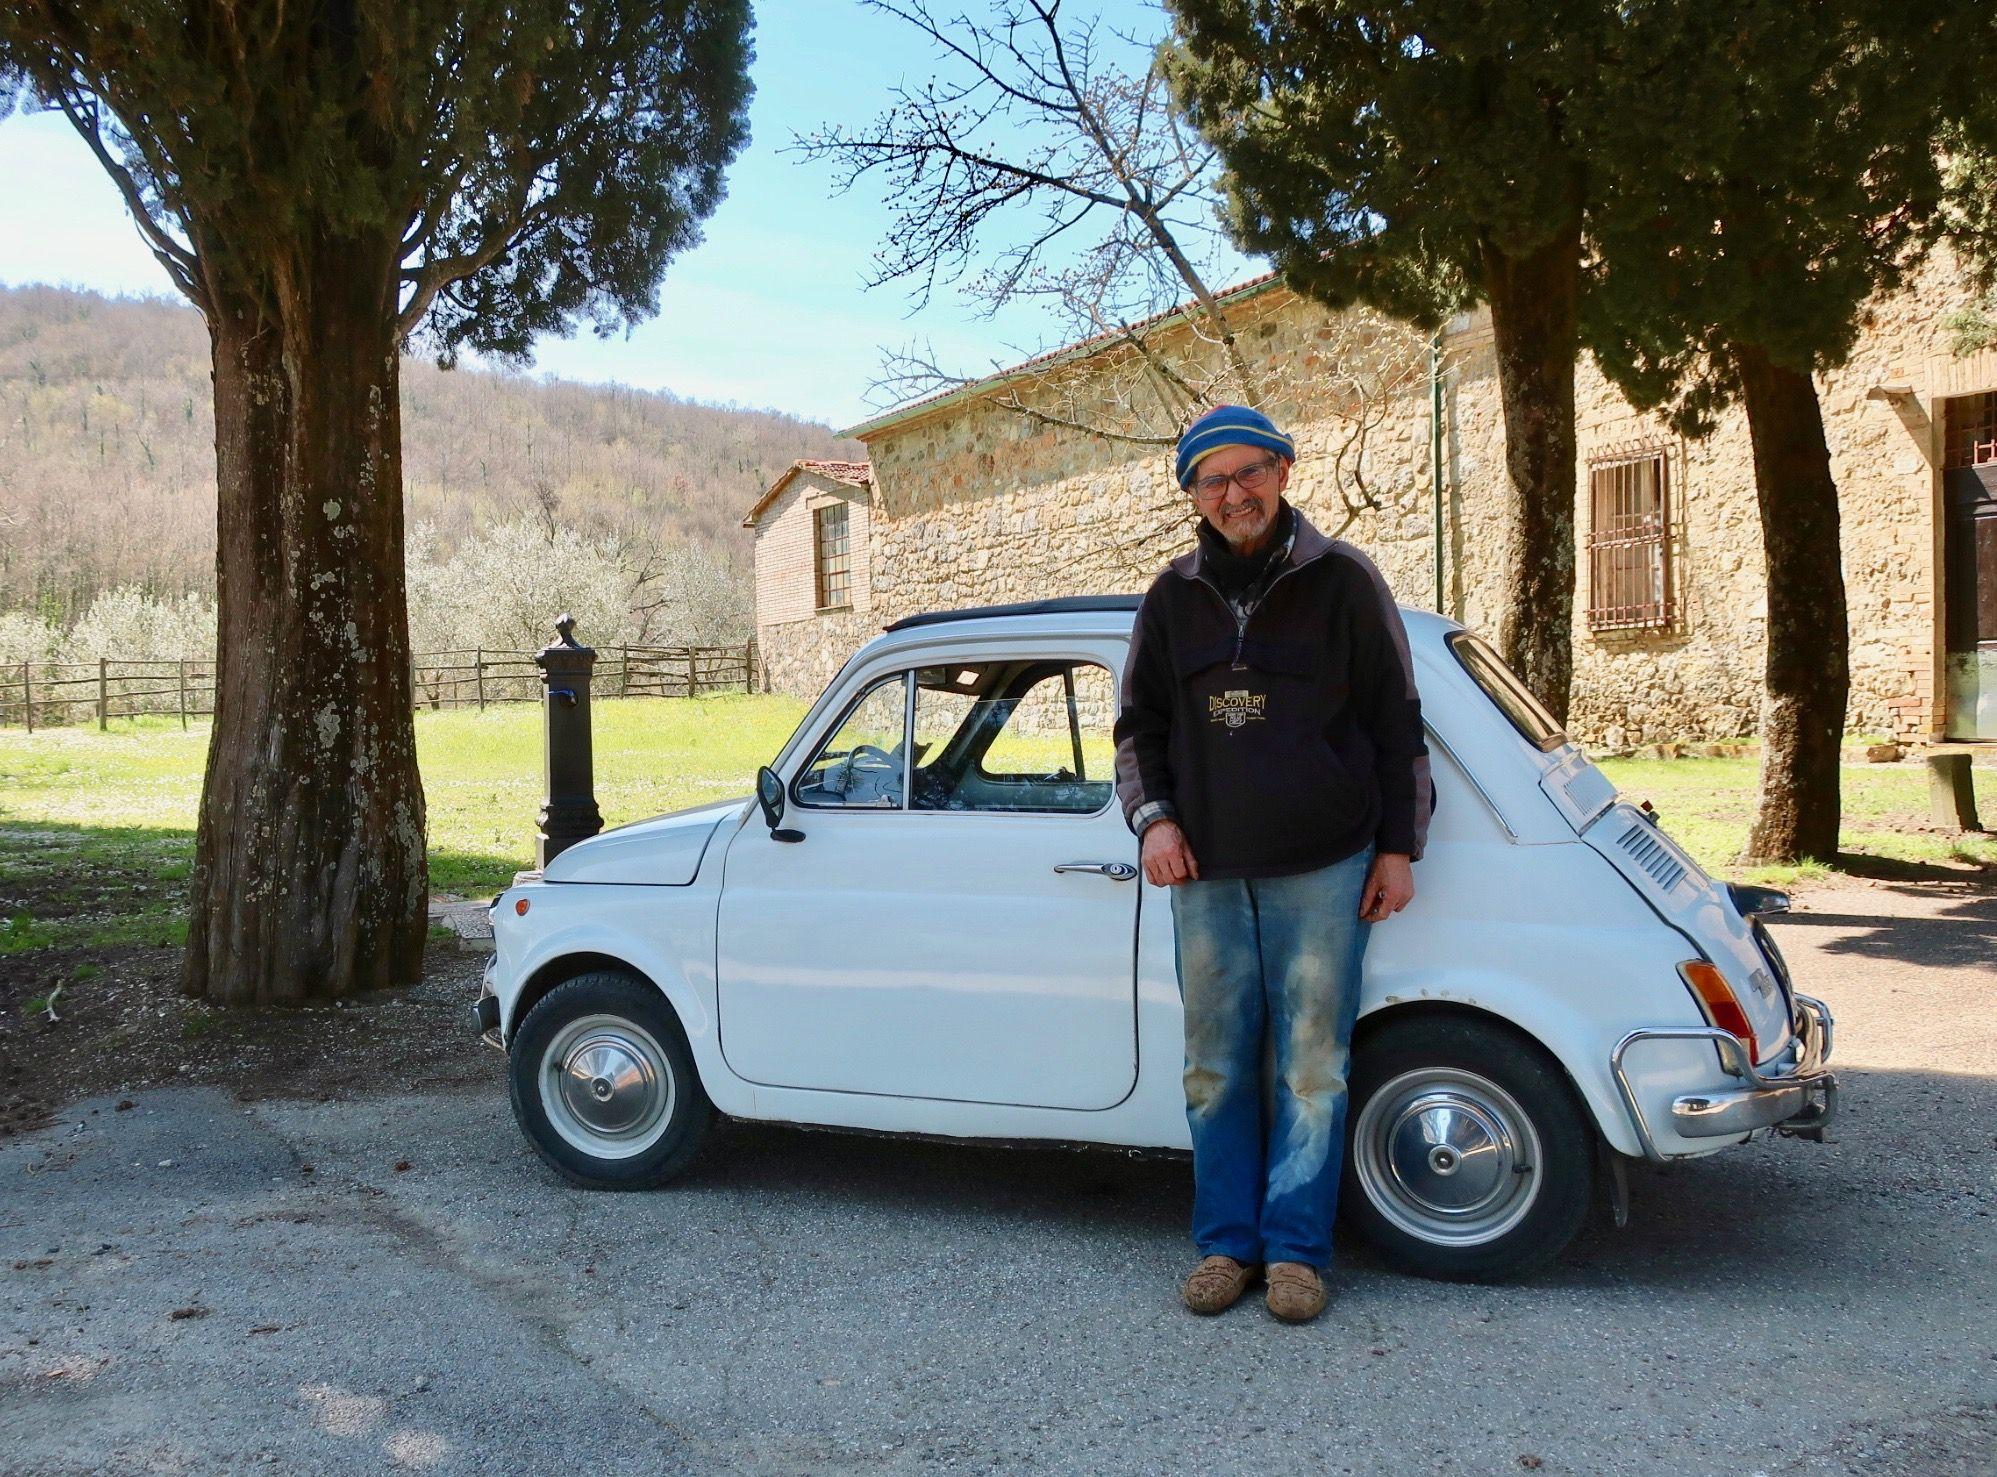 Cycling-in-Italy-near-Chiusdino